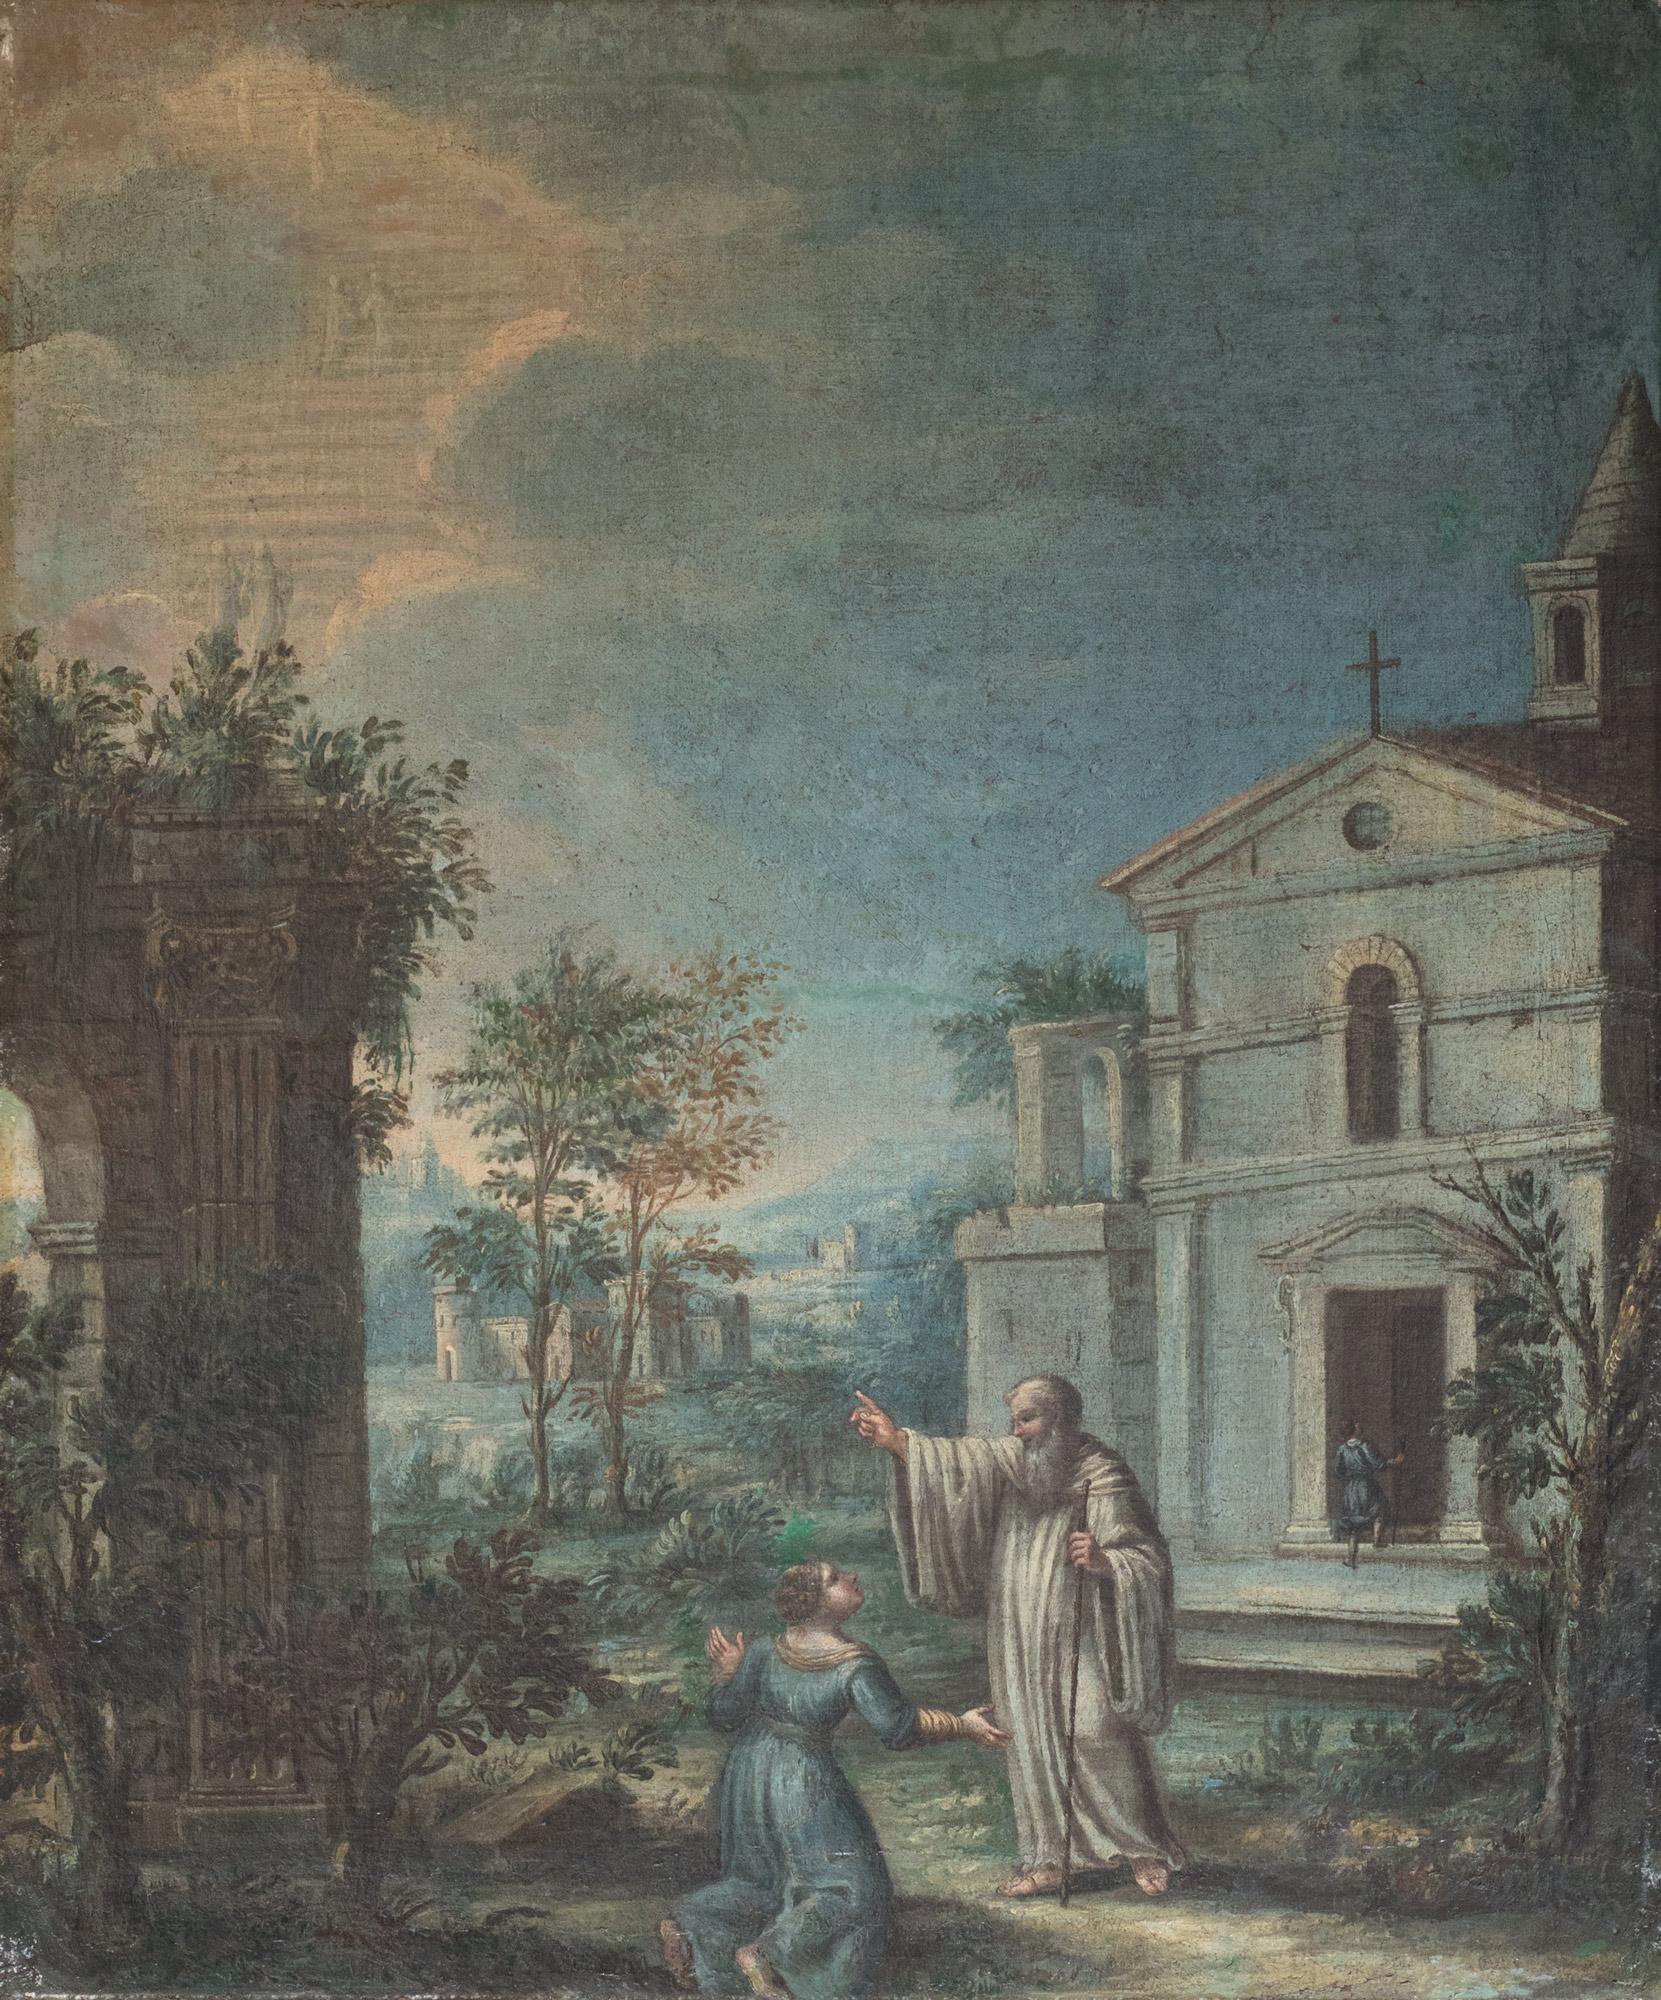 Paesaggio con rovine antiche e la predica di un monaco